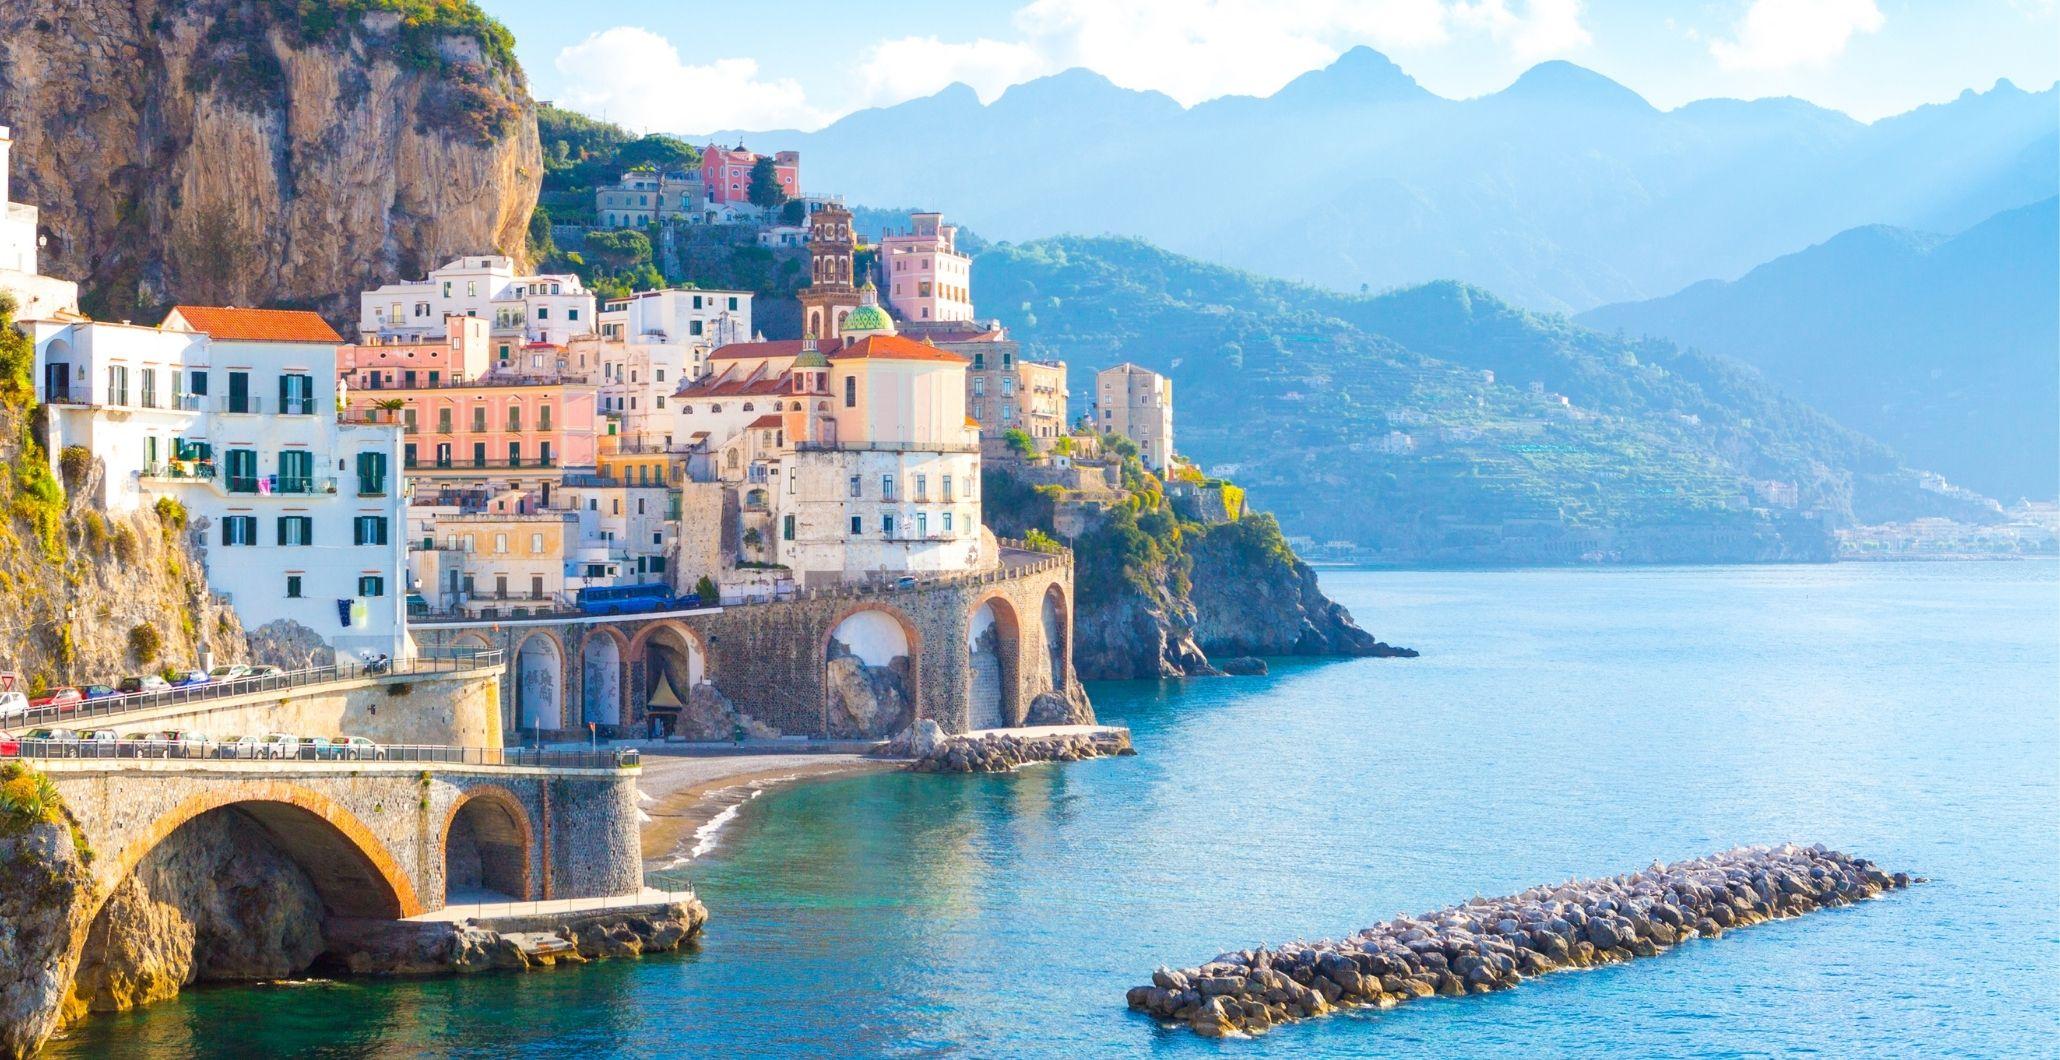 A Passeggiata (Stroll) Through Italy